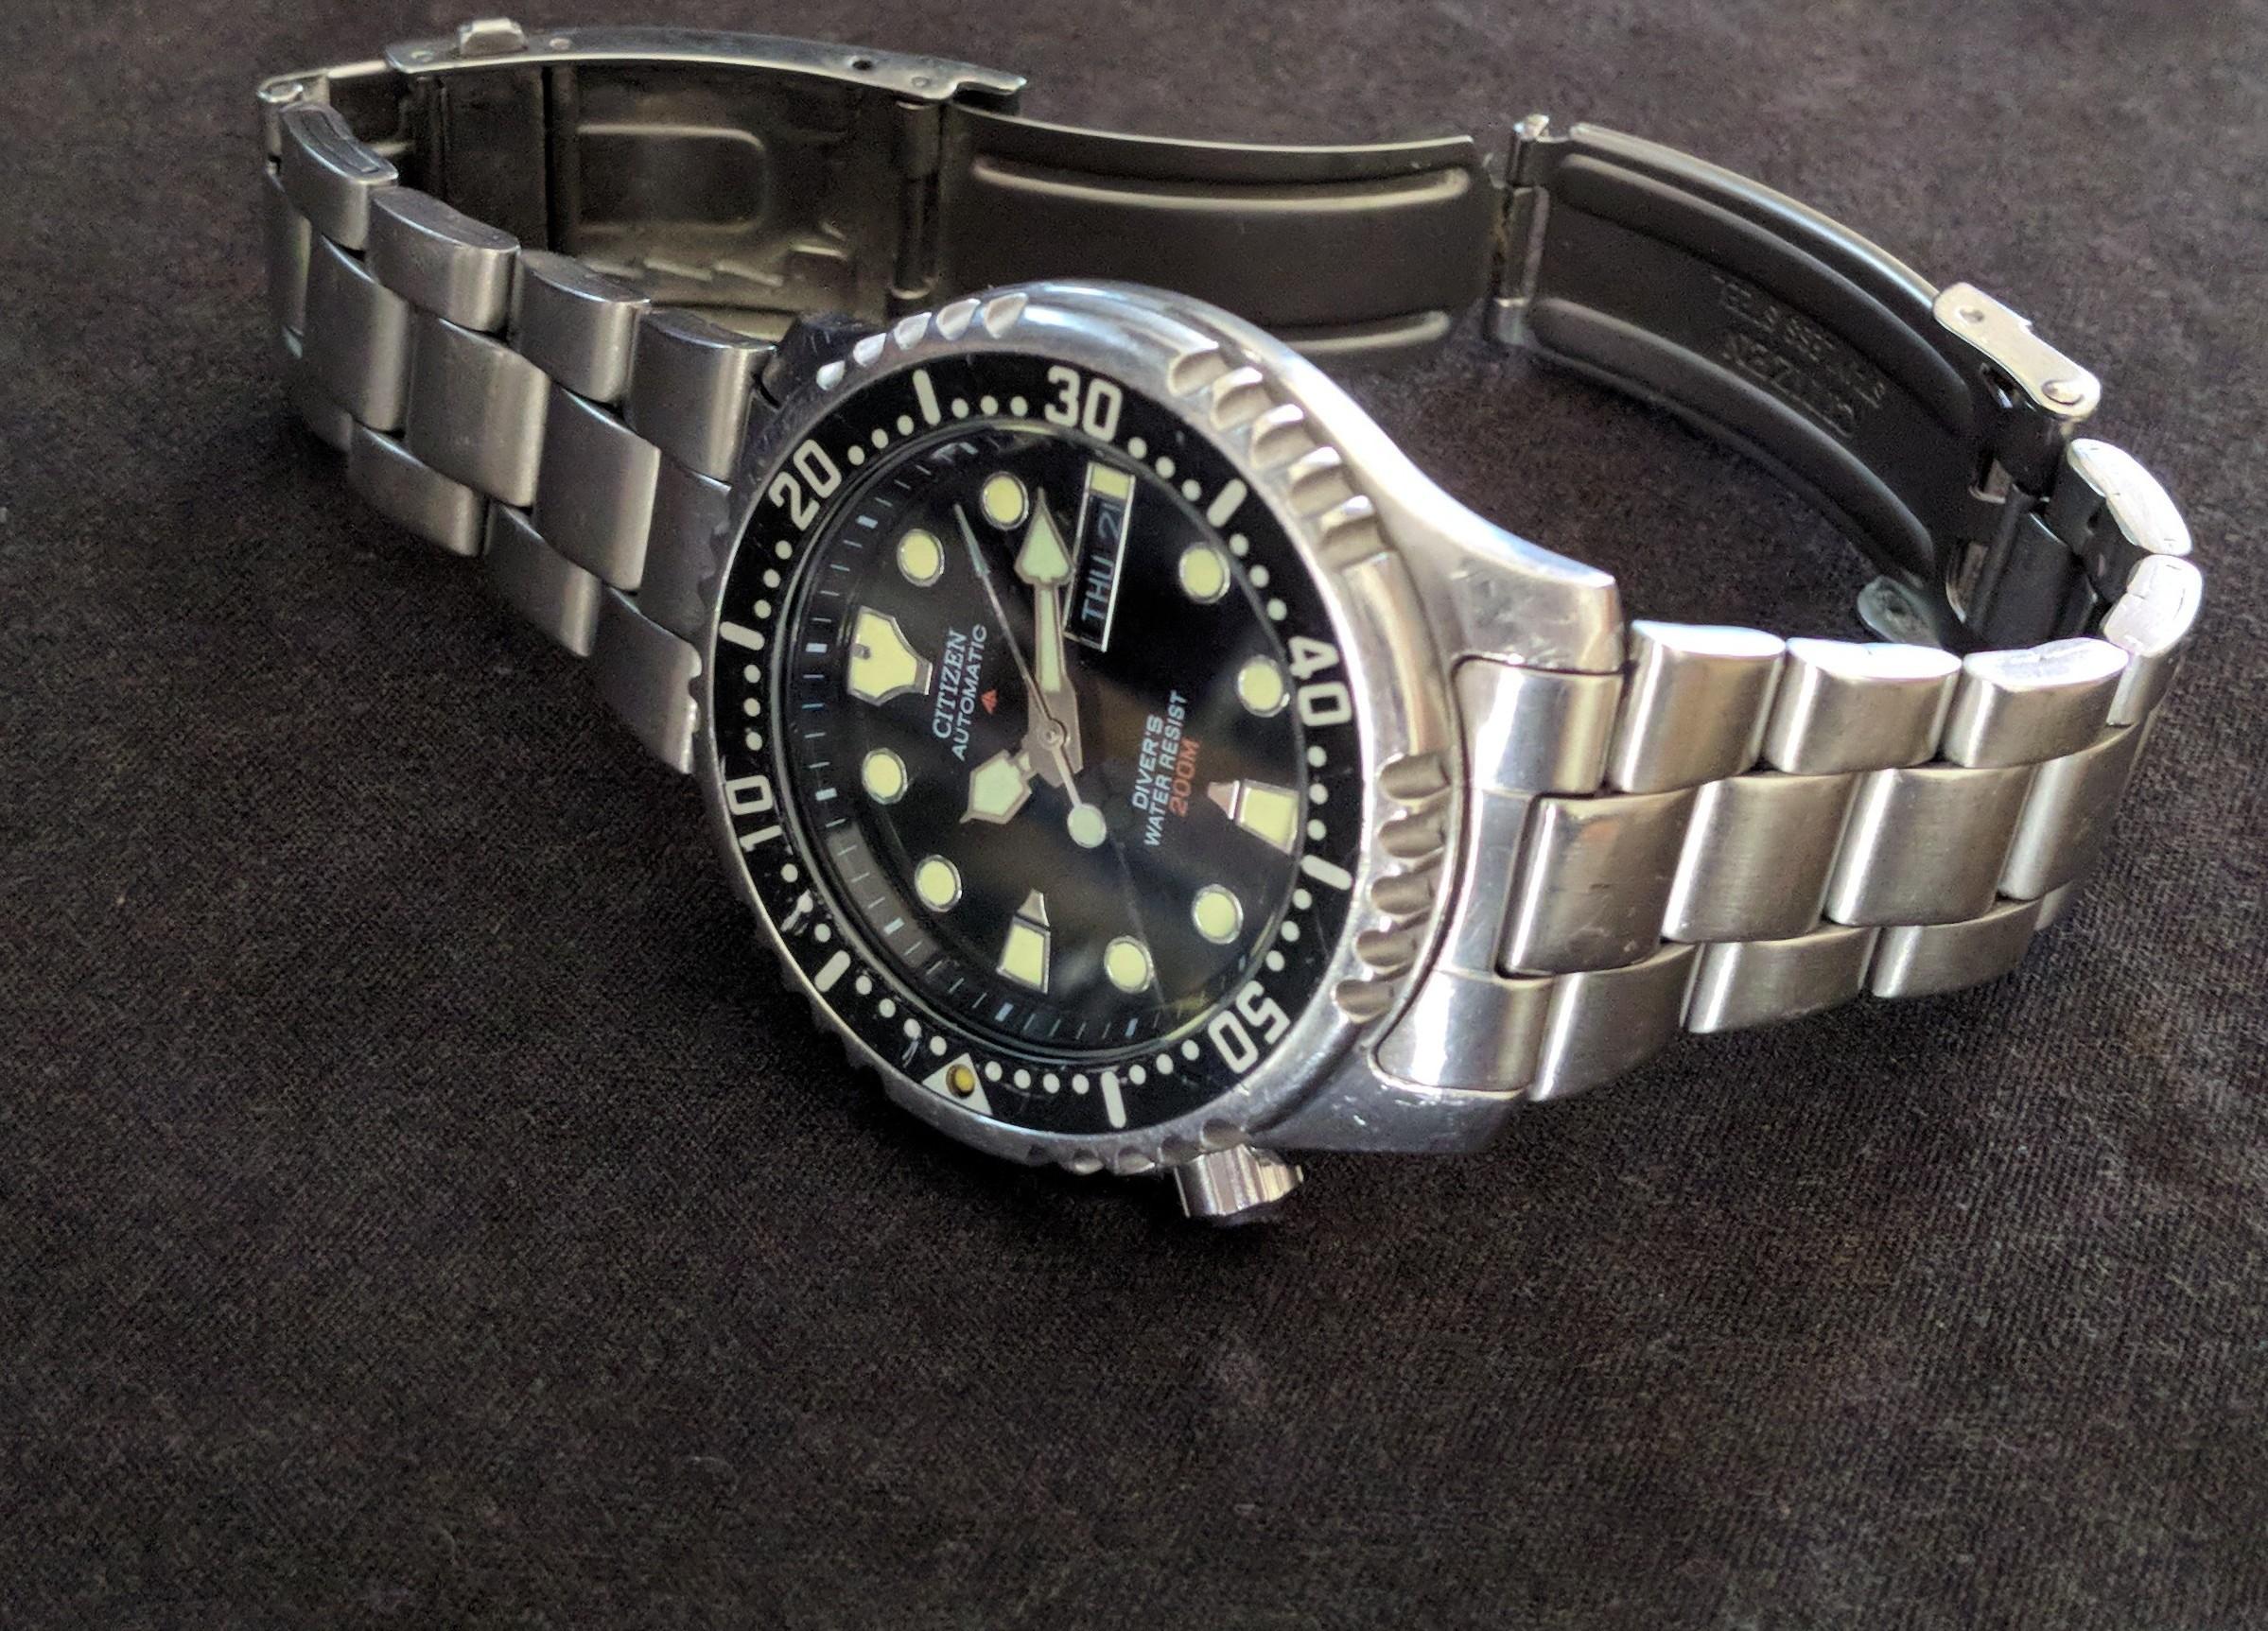 ρολόι χειρός  τί φοράτε ποιο θα θέλατε  - Σελίδα 274 - Μπλα Μπλα ... 372aecb4740